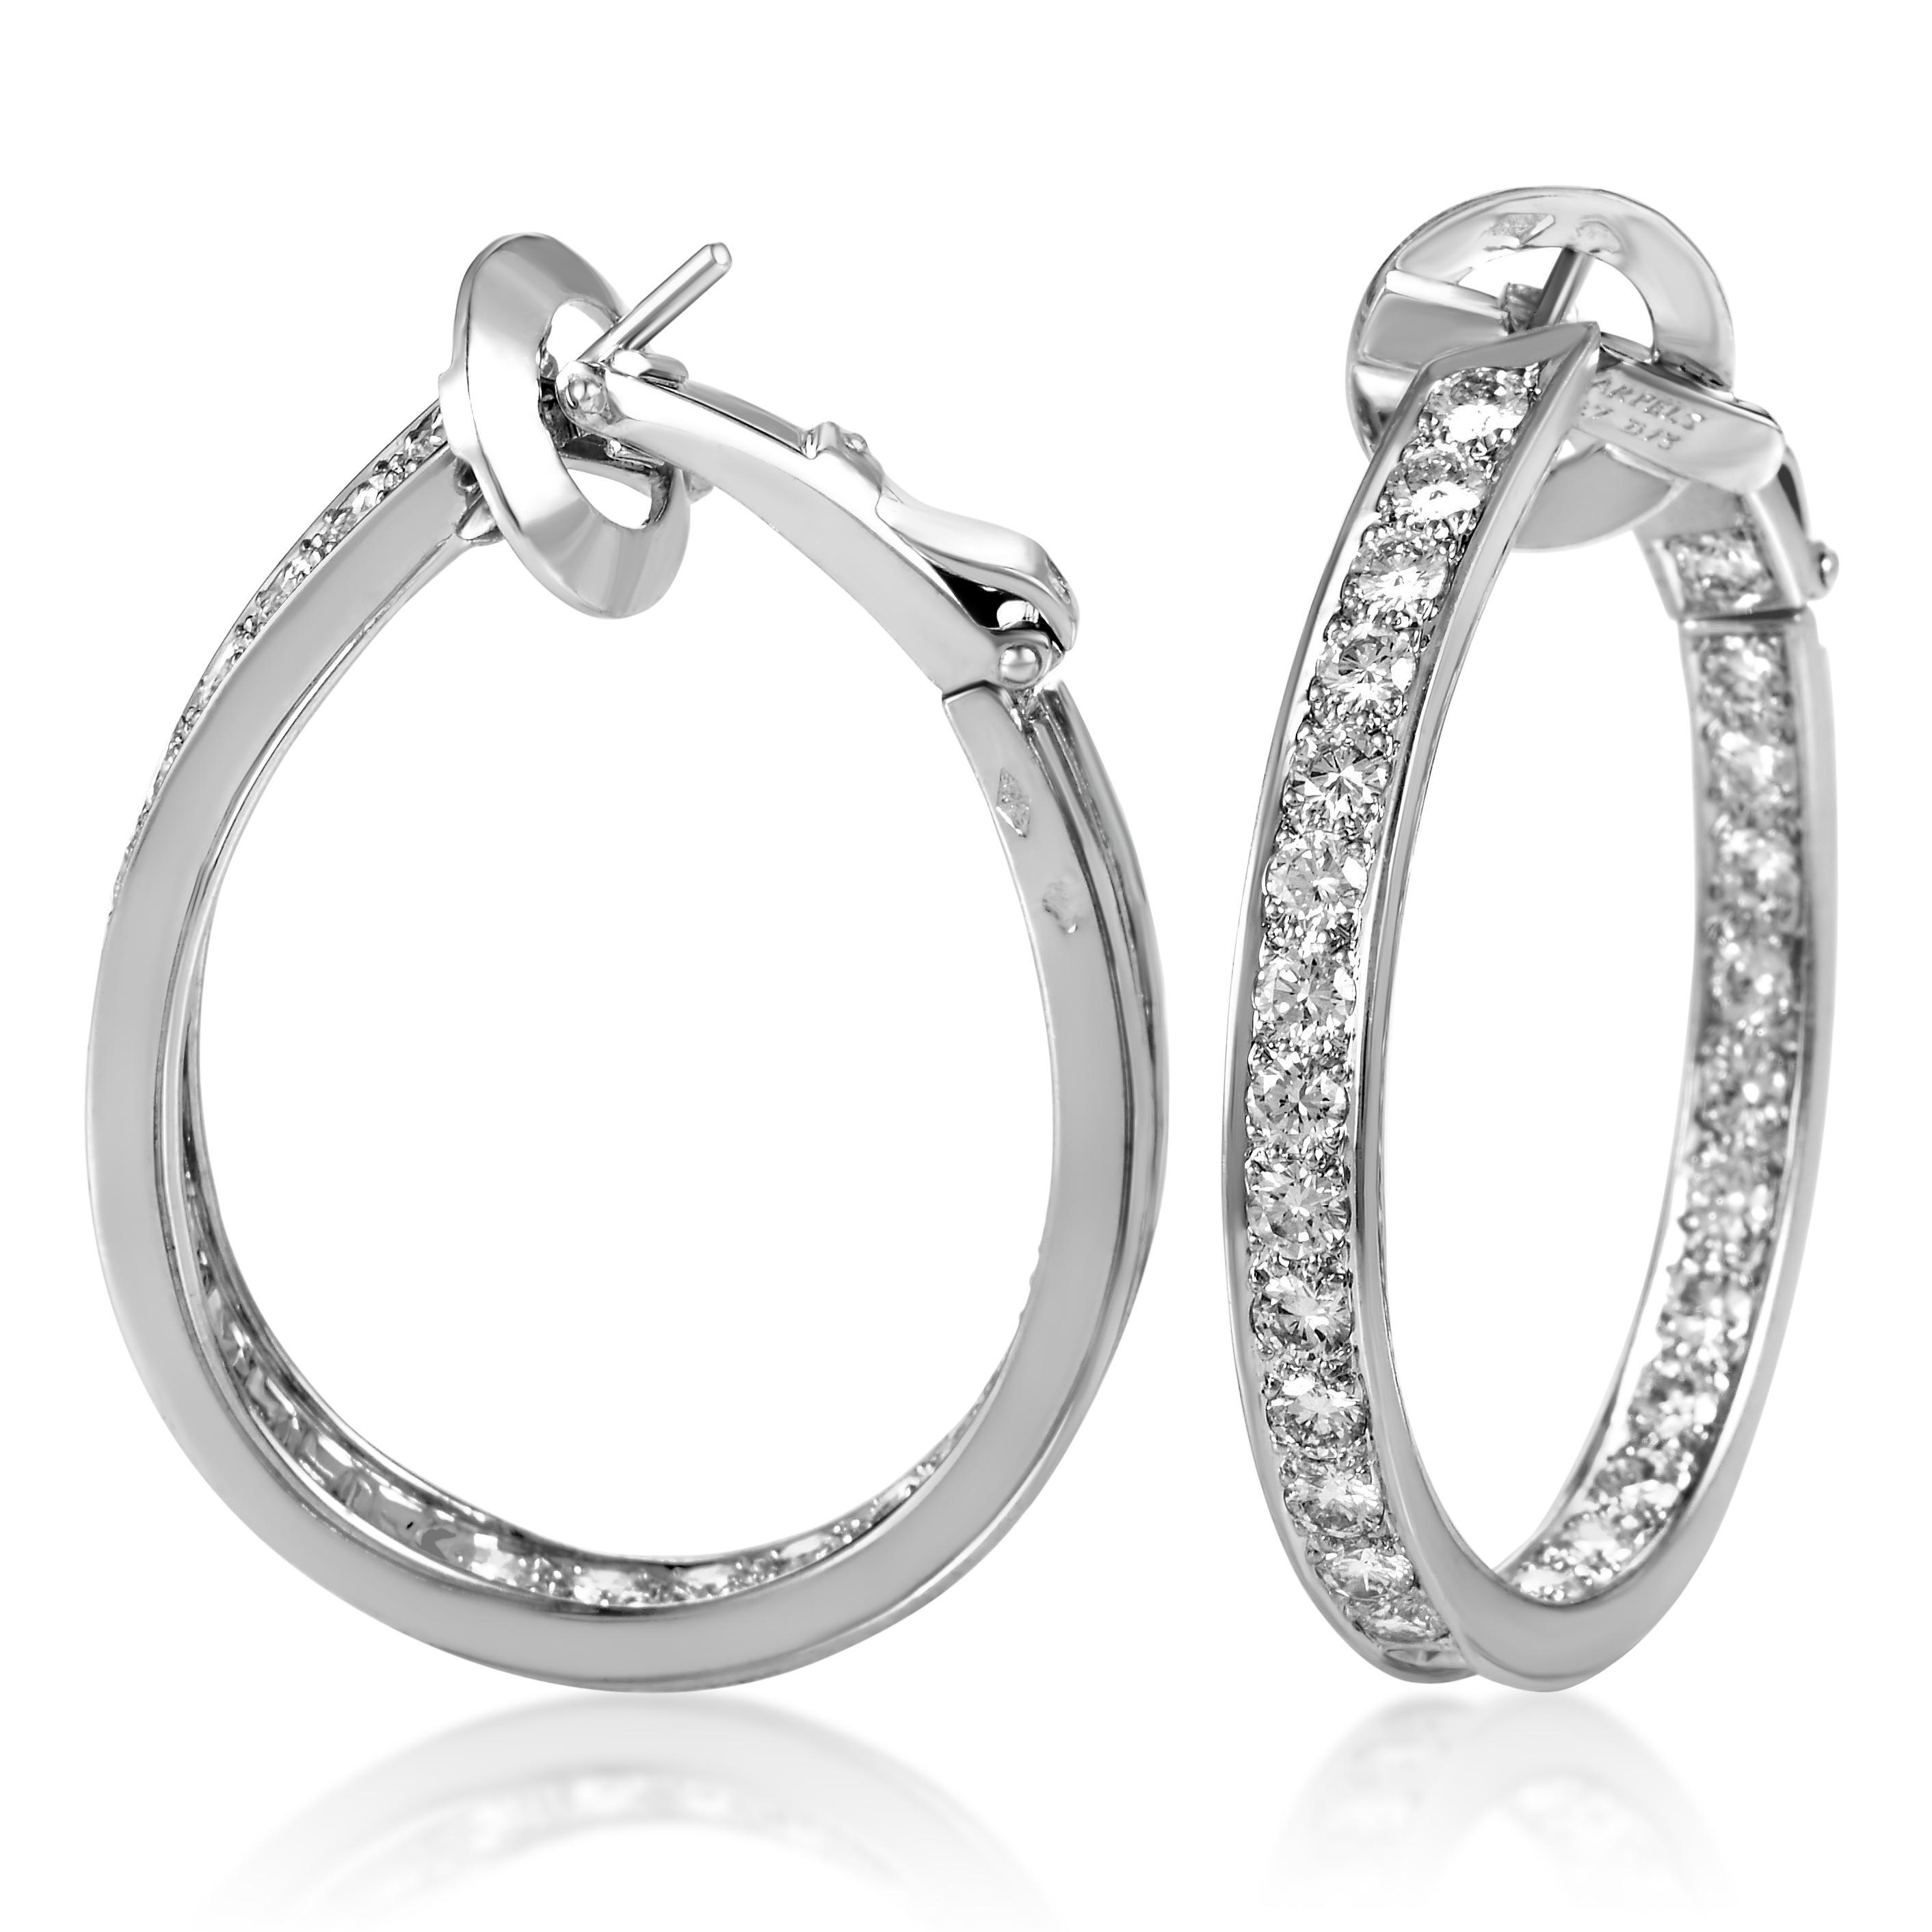 Van Cleef & Arpels Women's 18K White Gold Diamond Hoop Earrings